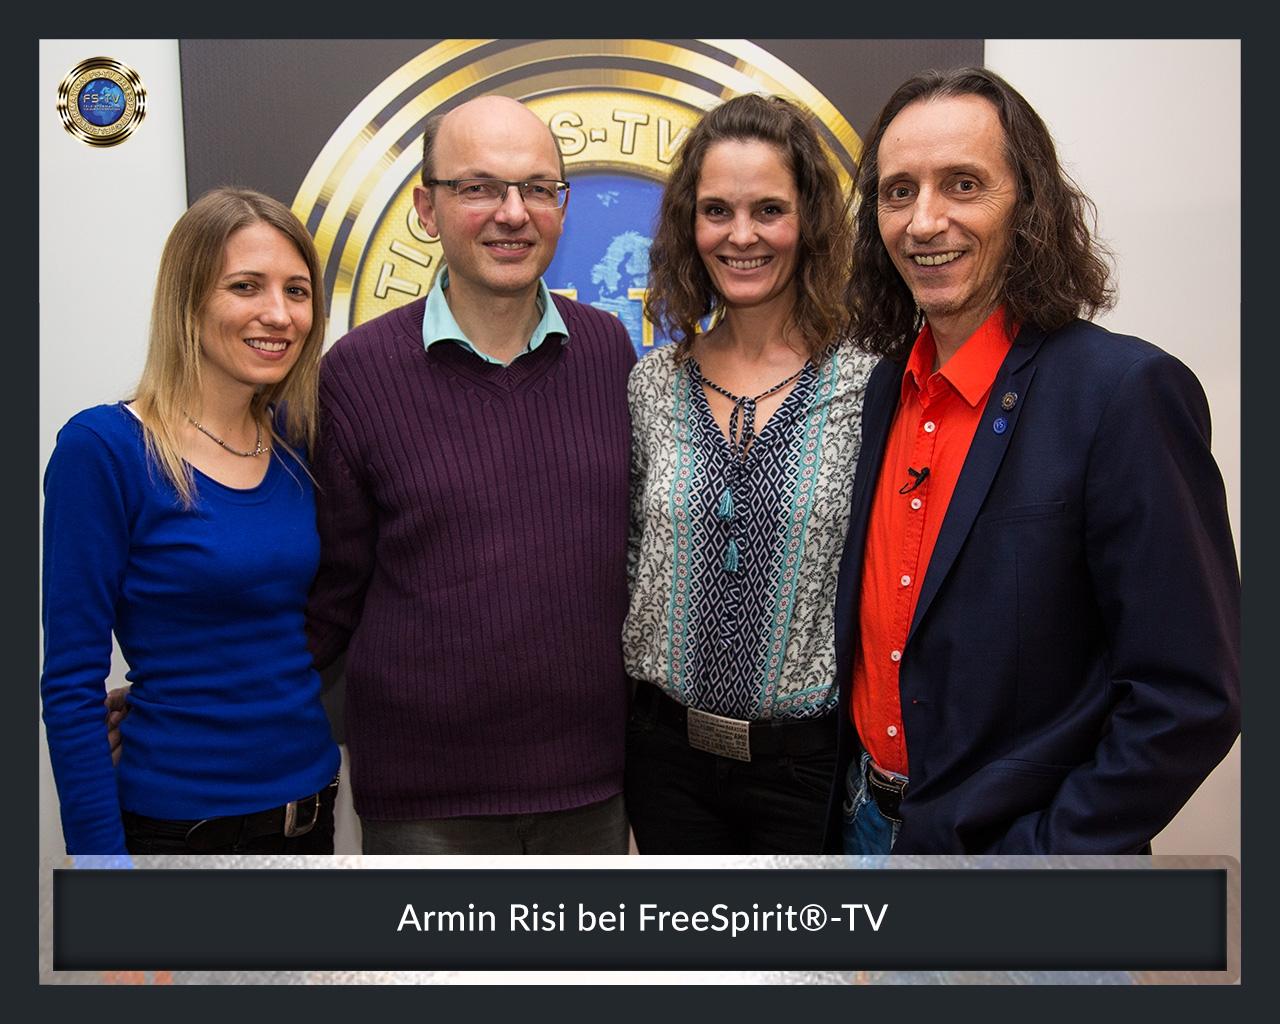 FS-TV-Bildergallerie-Armin-Risi2